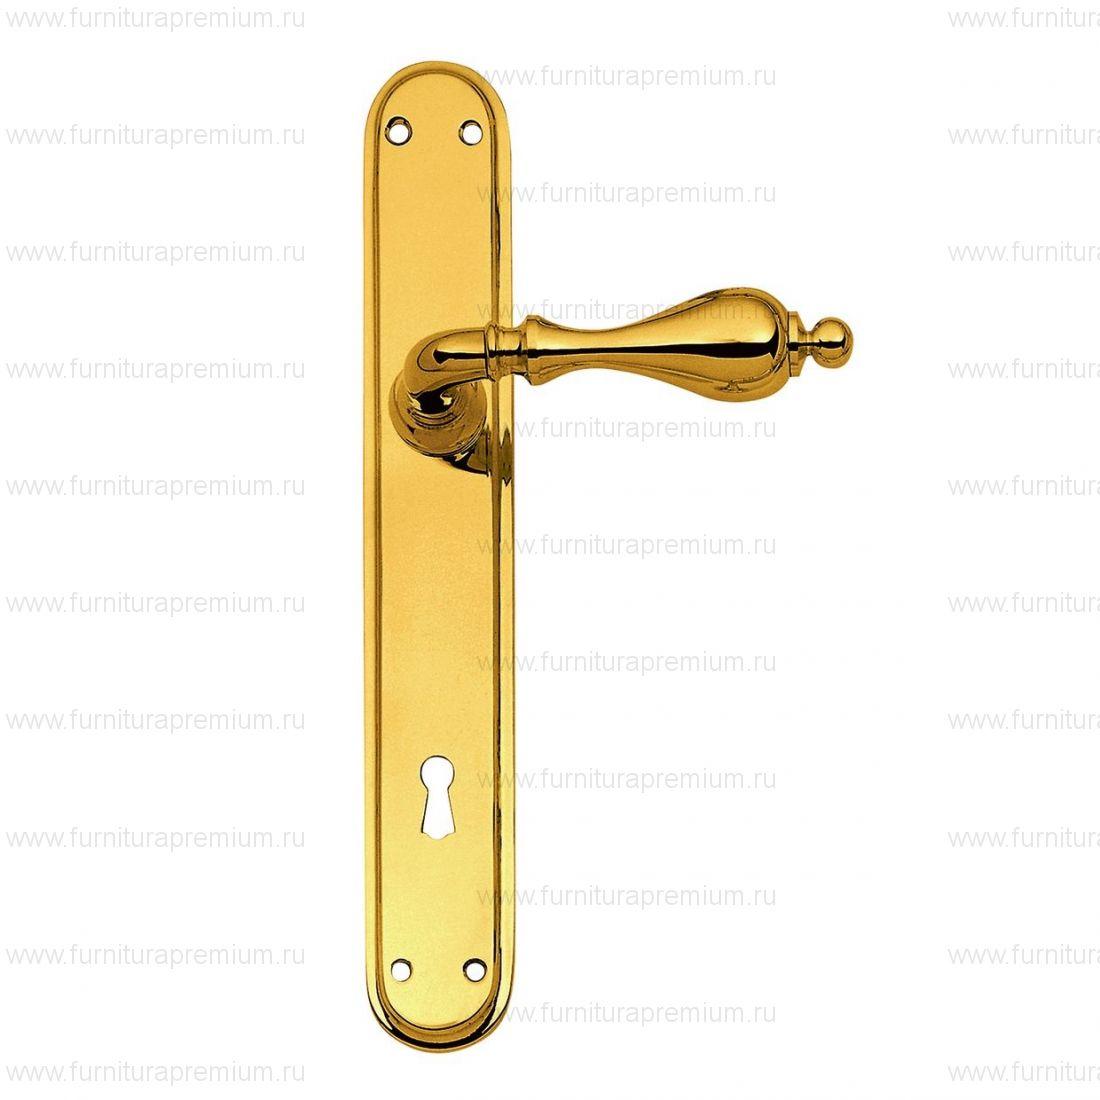 Ручка Enrico Cassina Clementina C14010 на планке